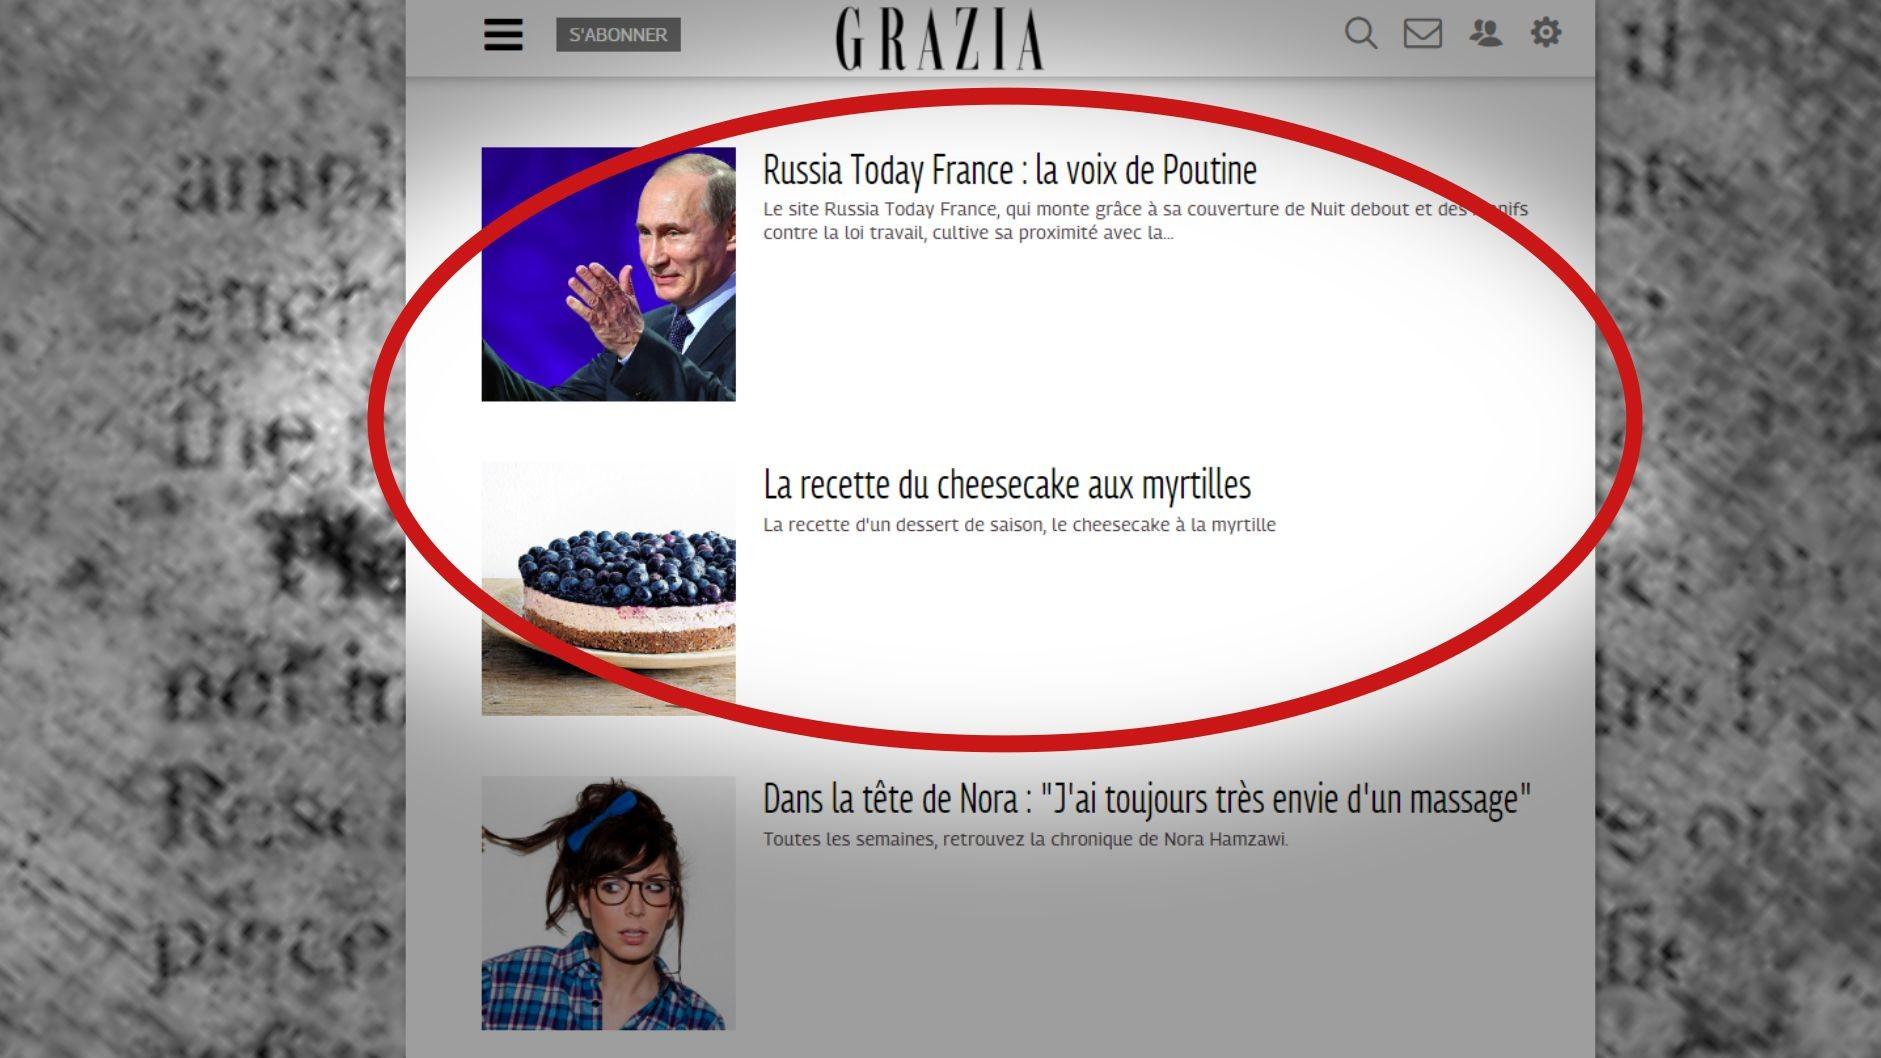 Capture d'écran du site Grazia